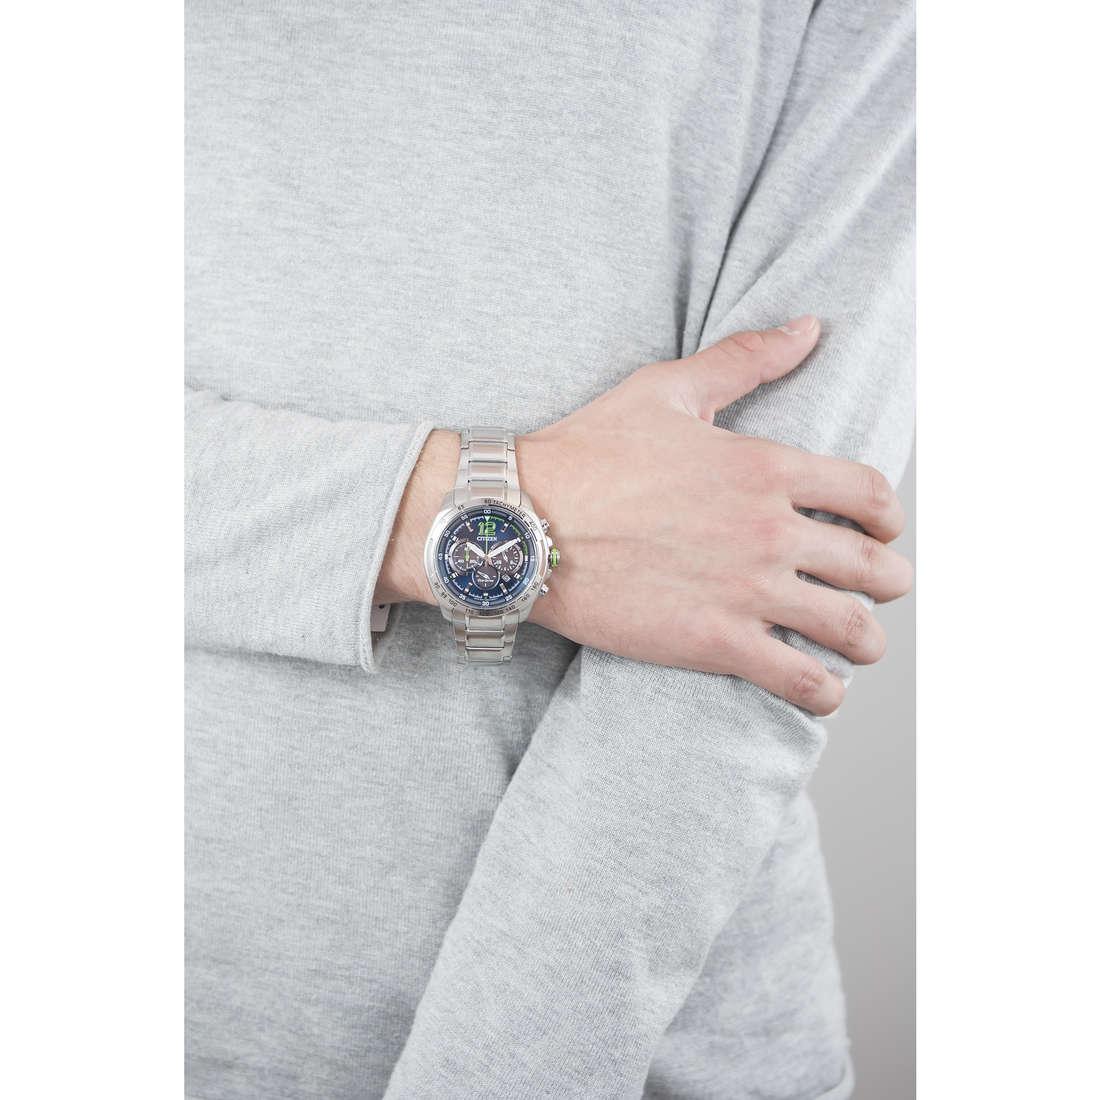 Citizen cronografi Eco-Drive uomo CA4230-51L indosso